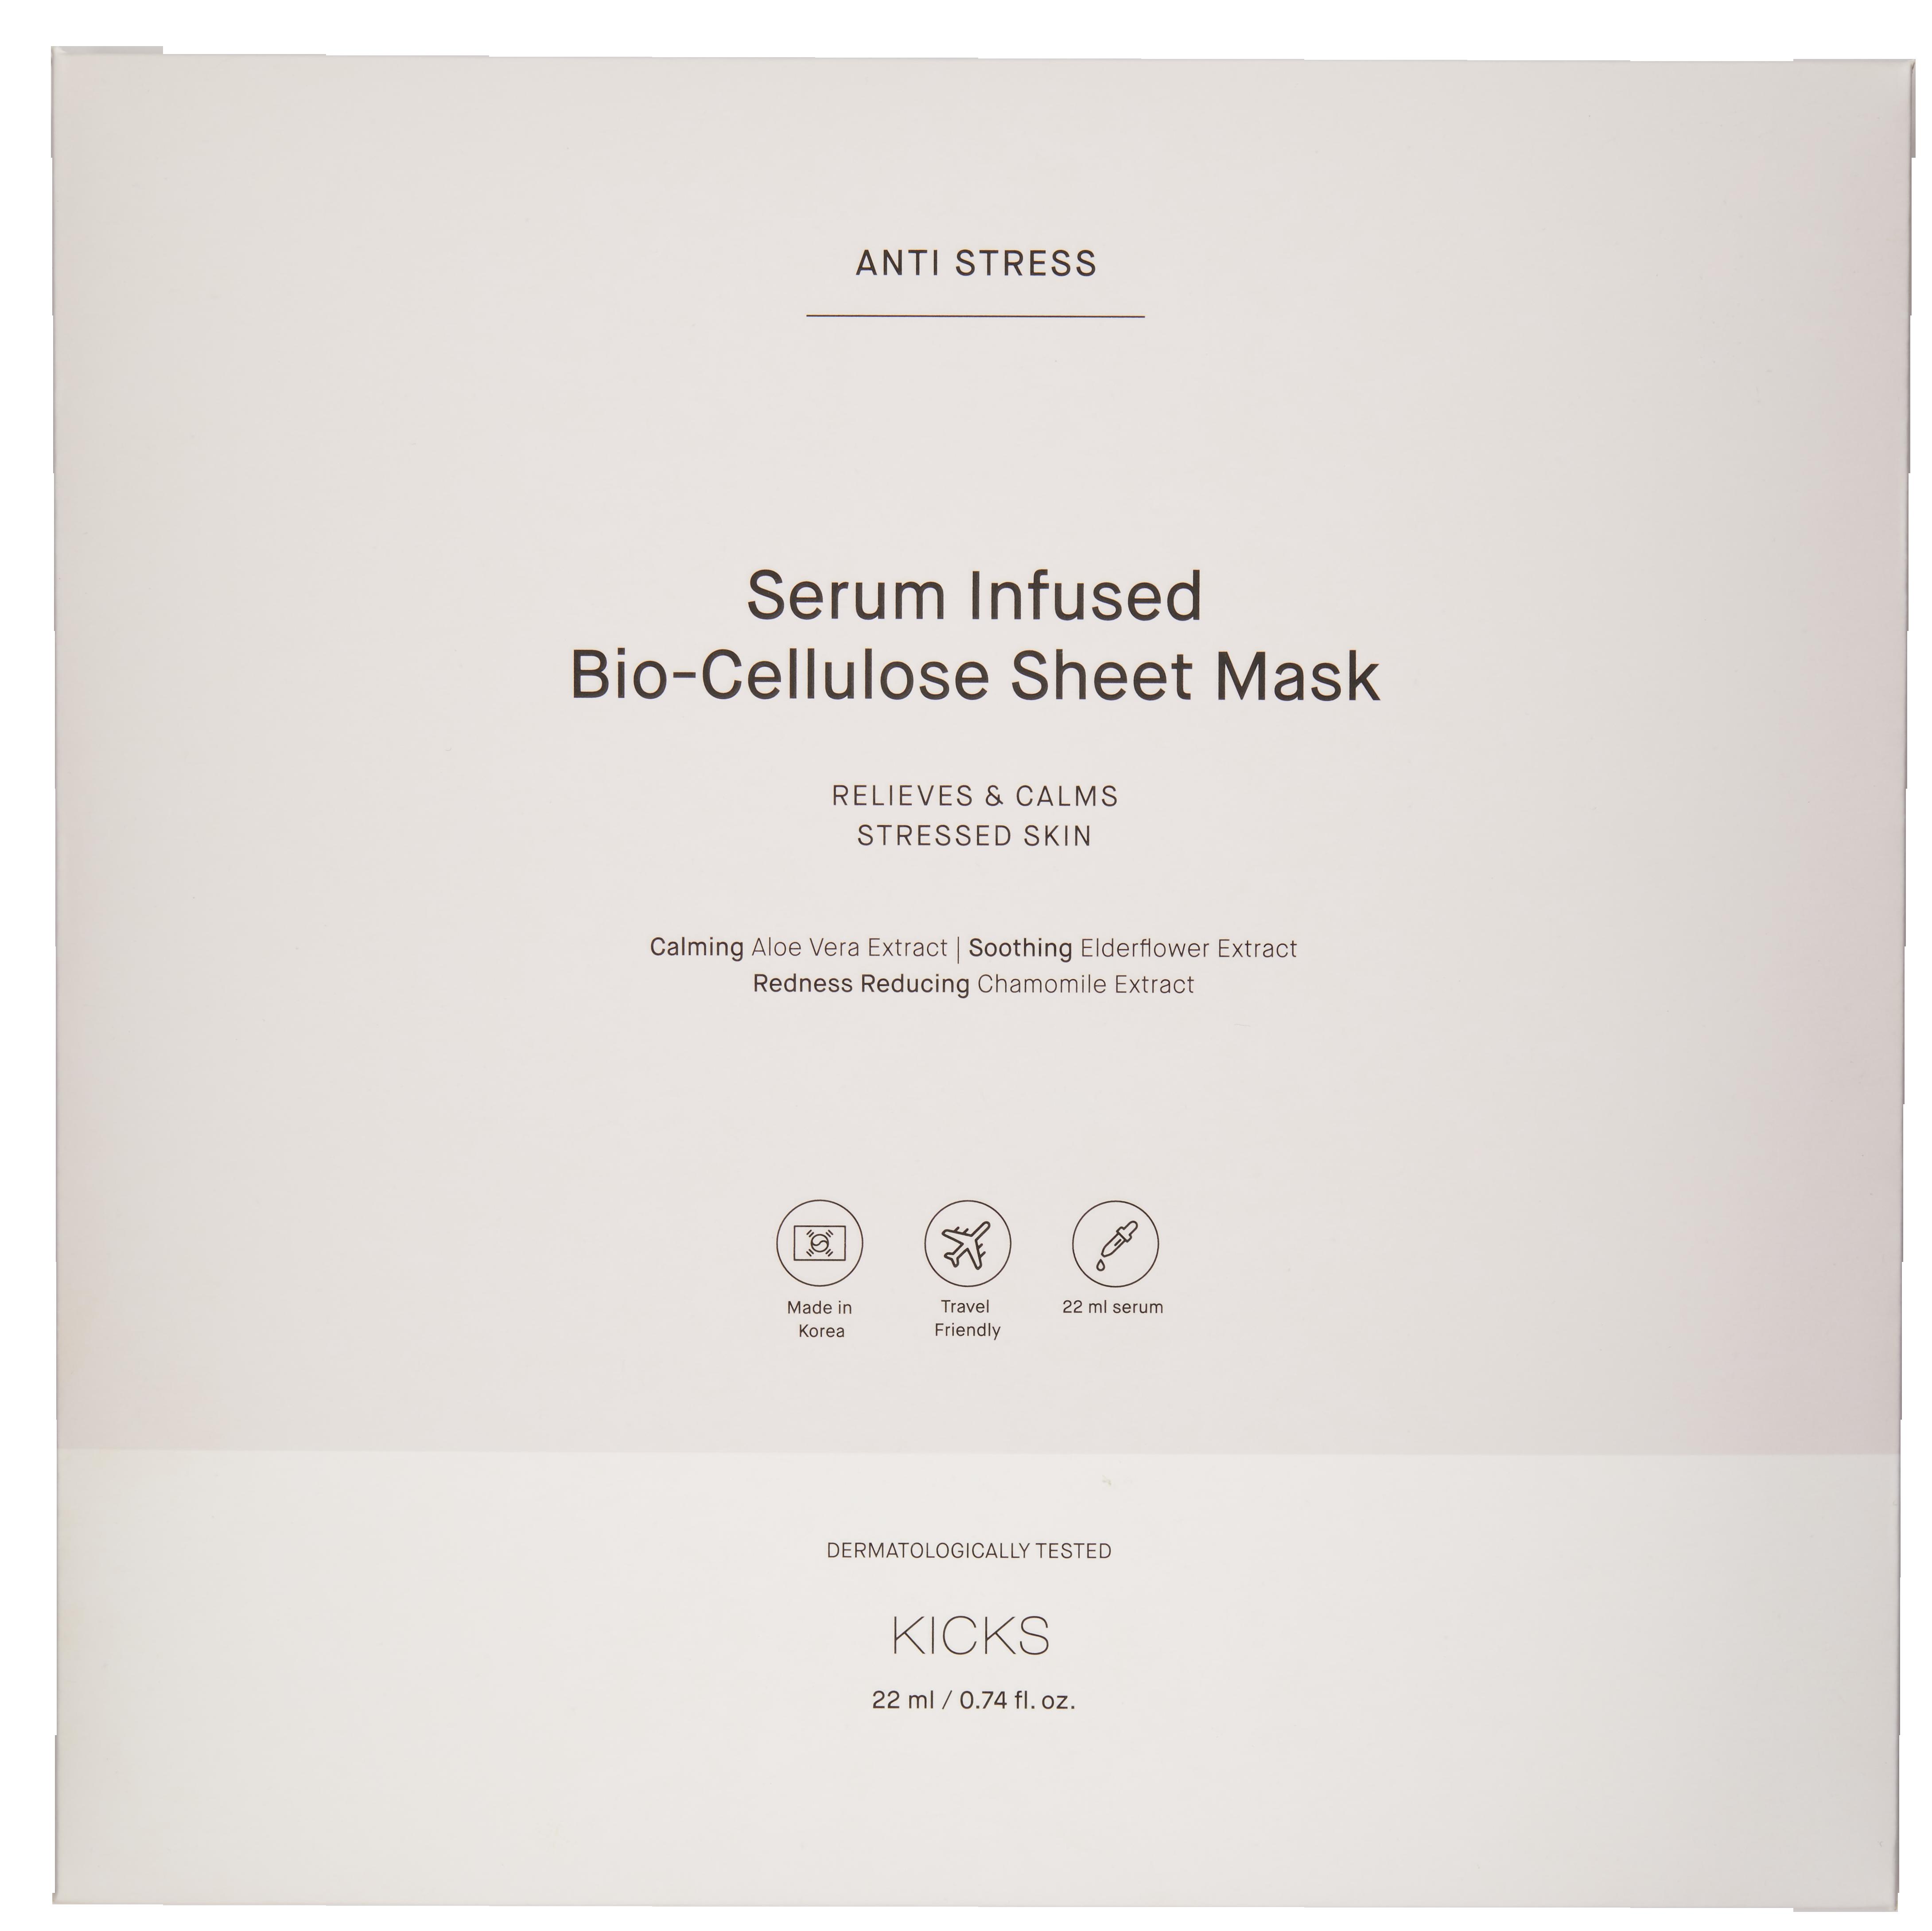 Anti Stress Sheet Mask